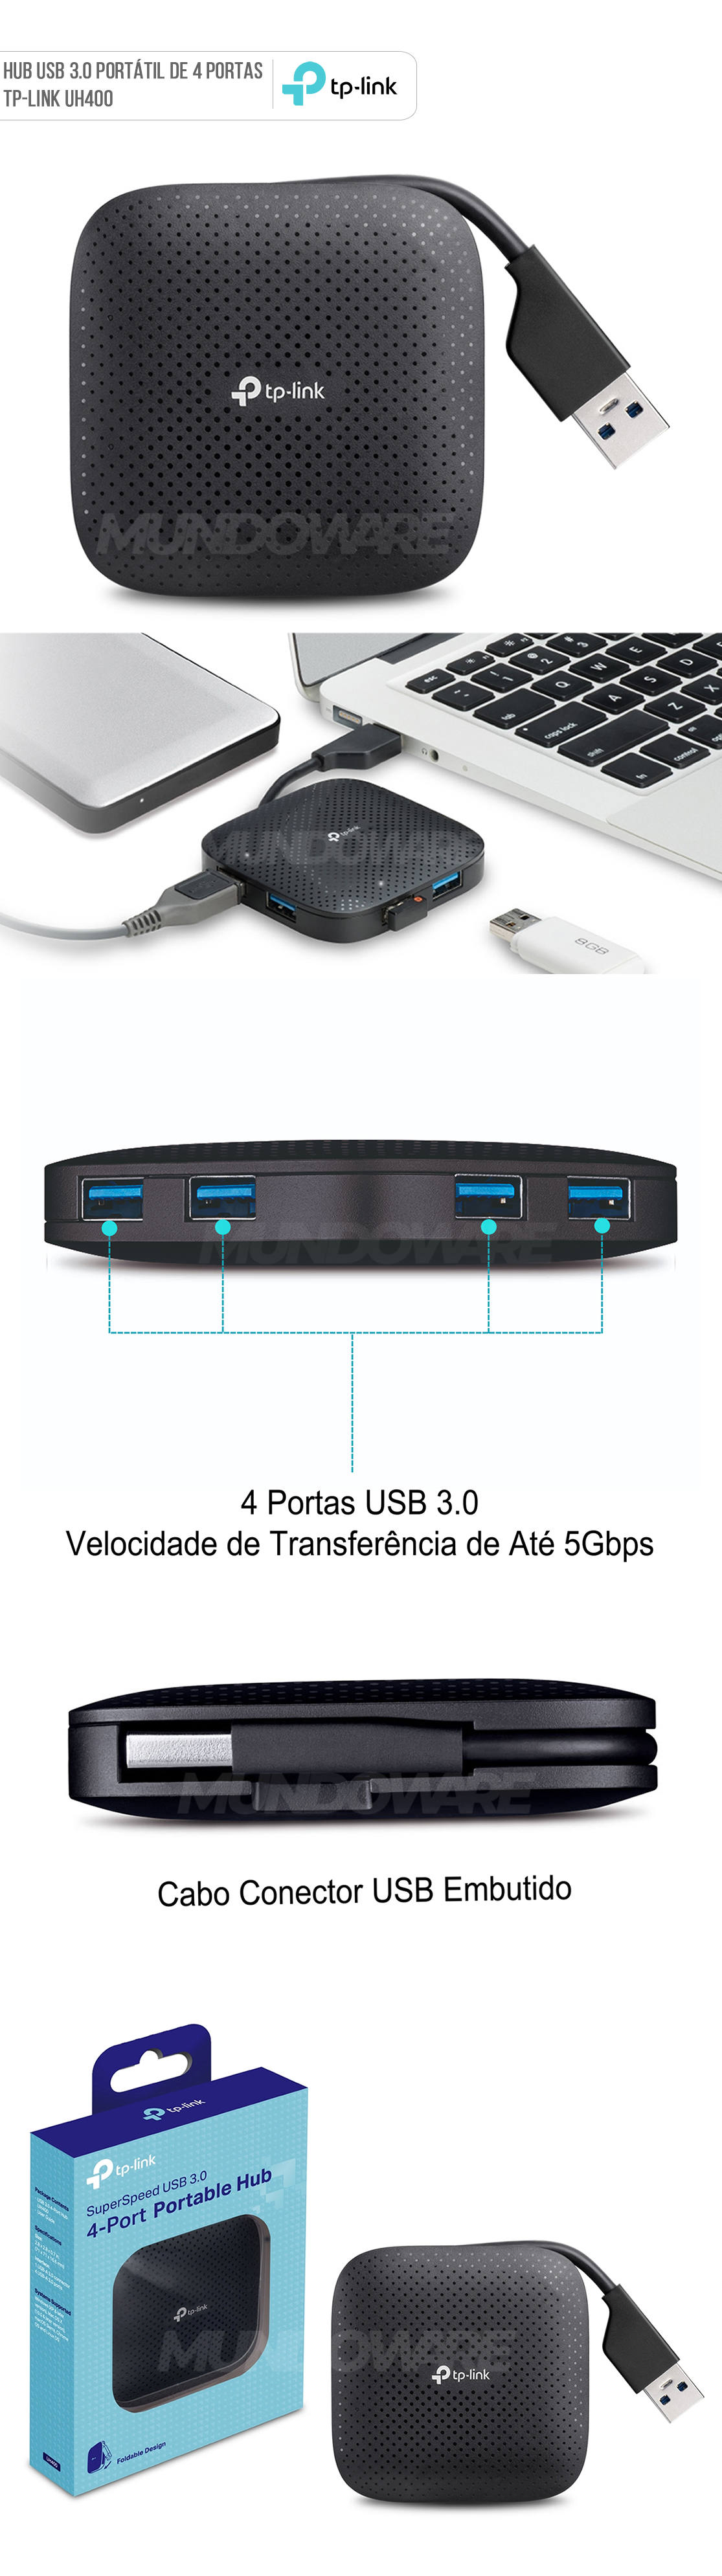 Hub USB 3.0 Portátil de 4 Portas USB TP-Link UH400